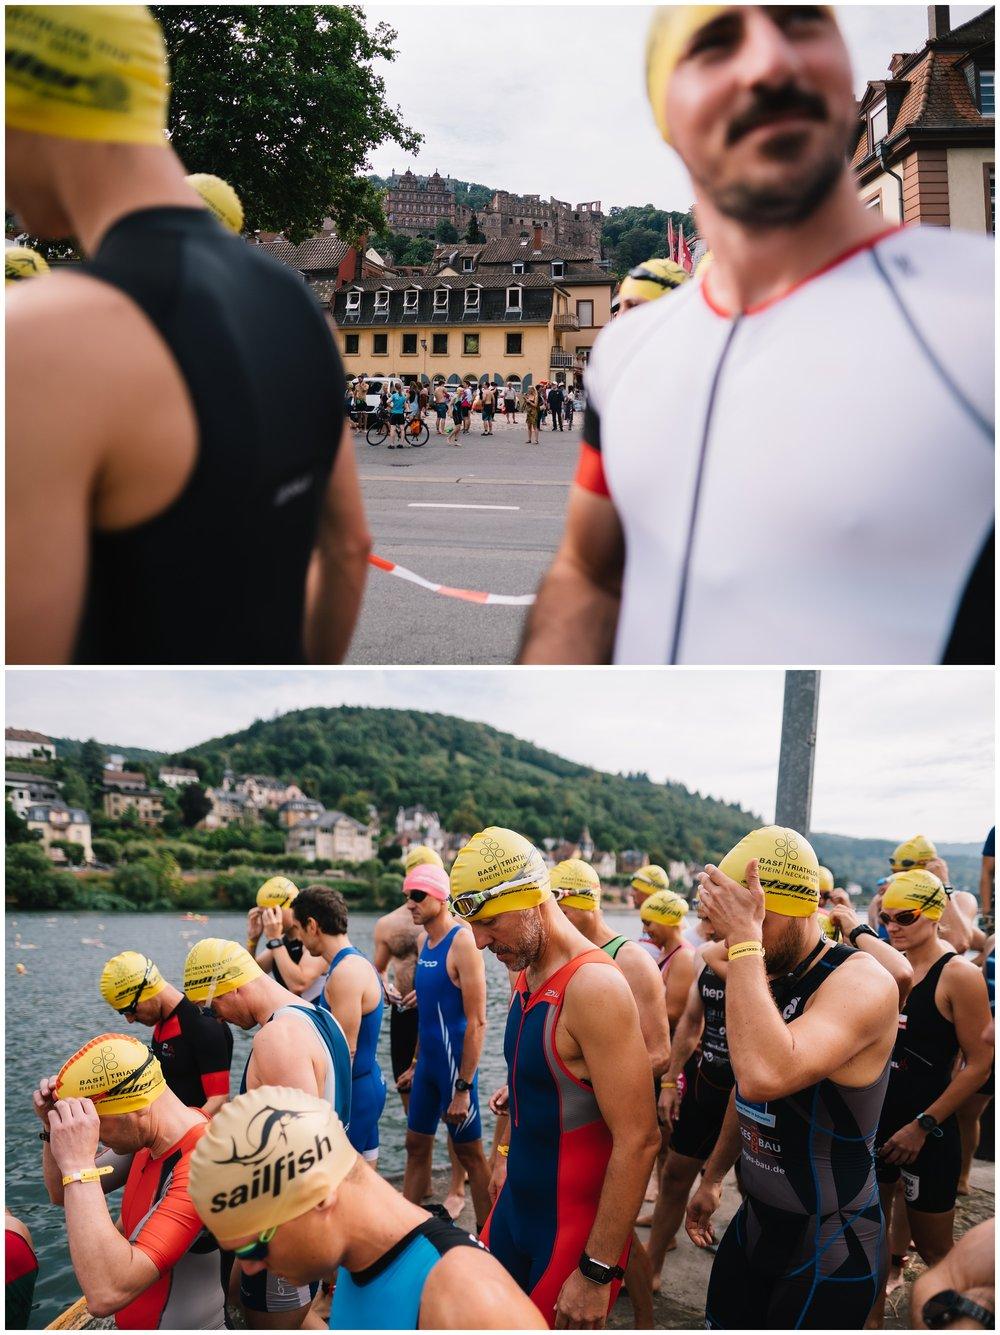 Heidelbergman-Triathlon-2018-13_web.jpg